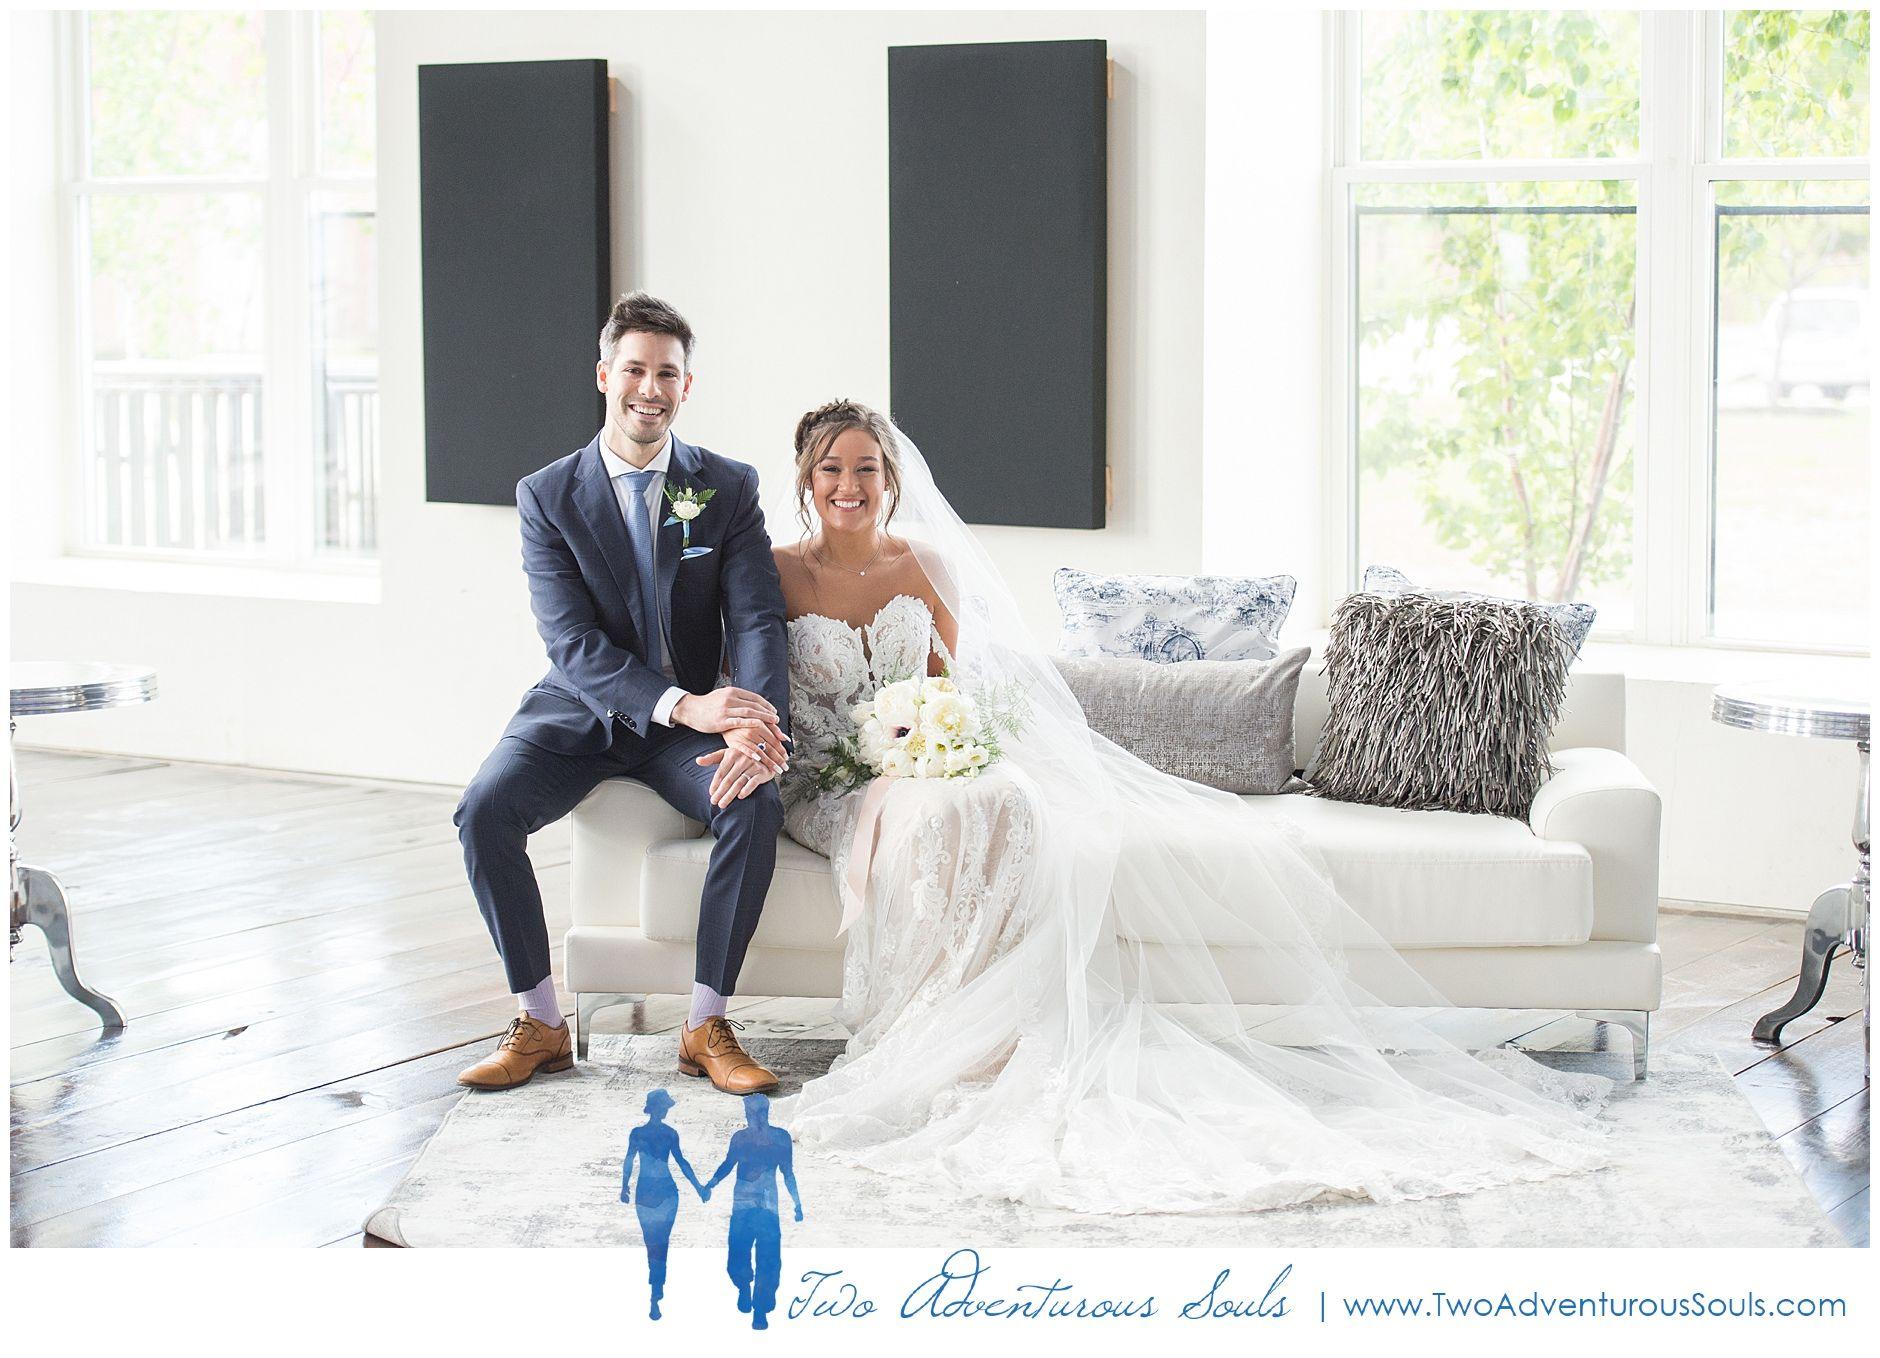 28+ Unique portland maine wedding venues ideas in 2021